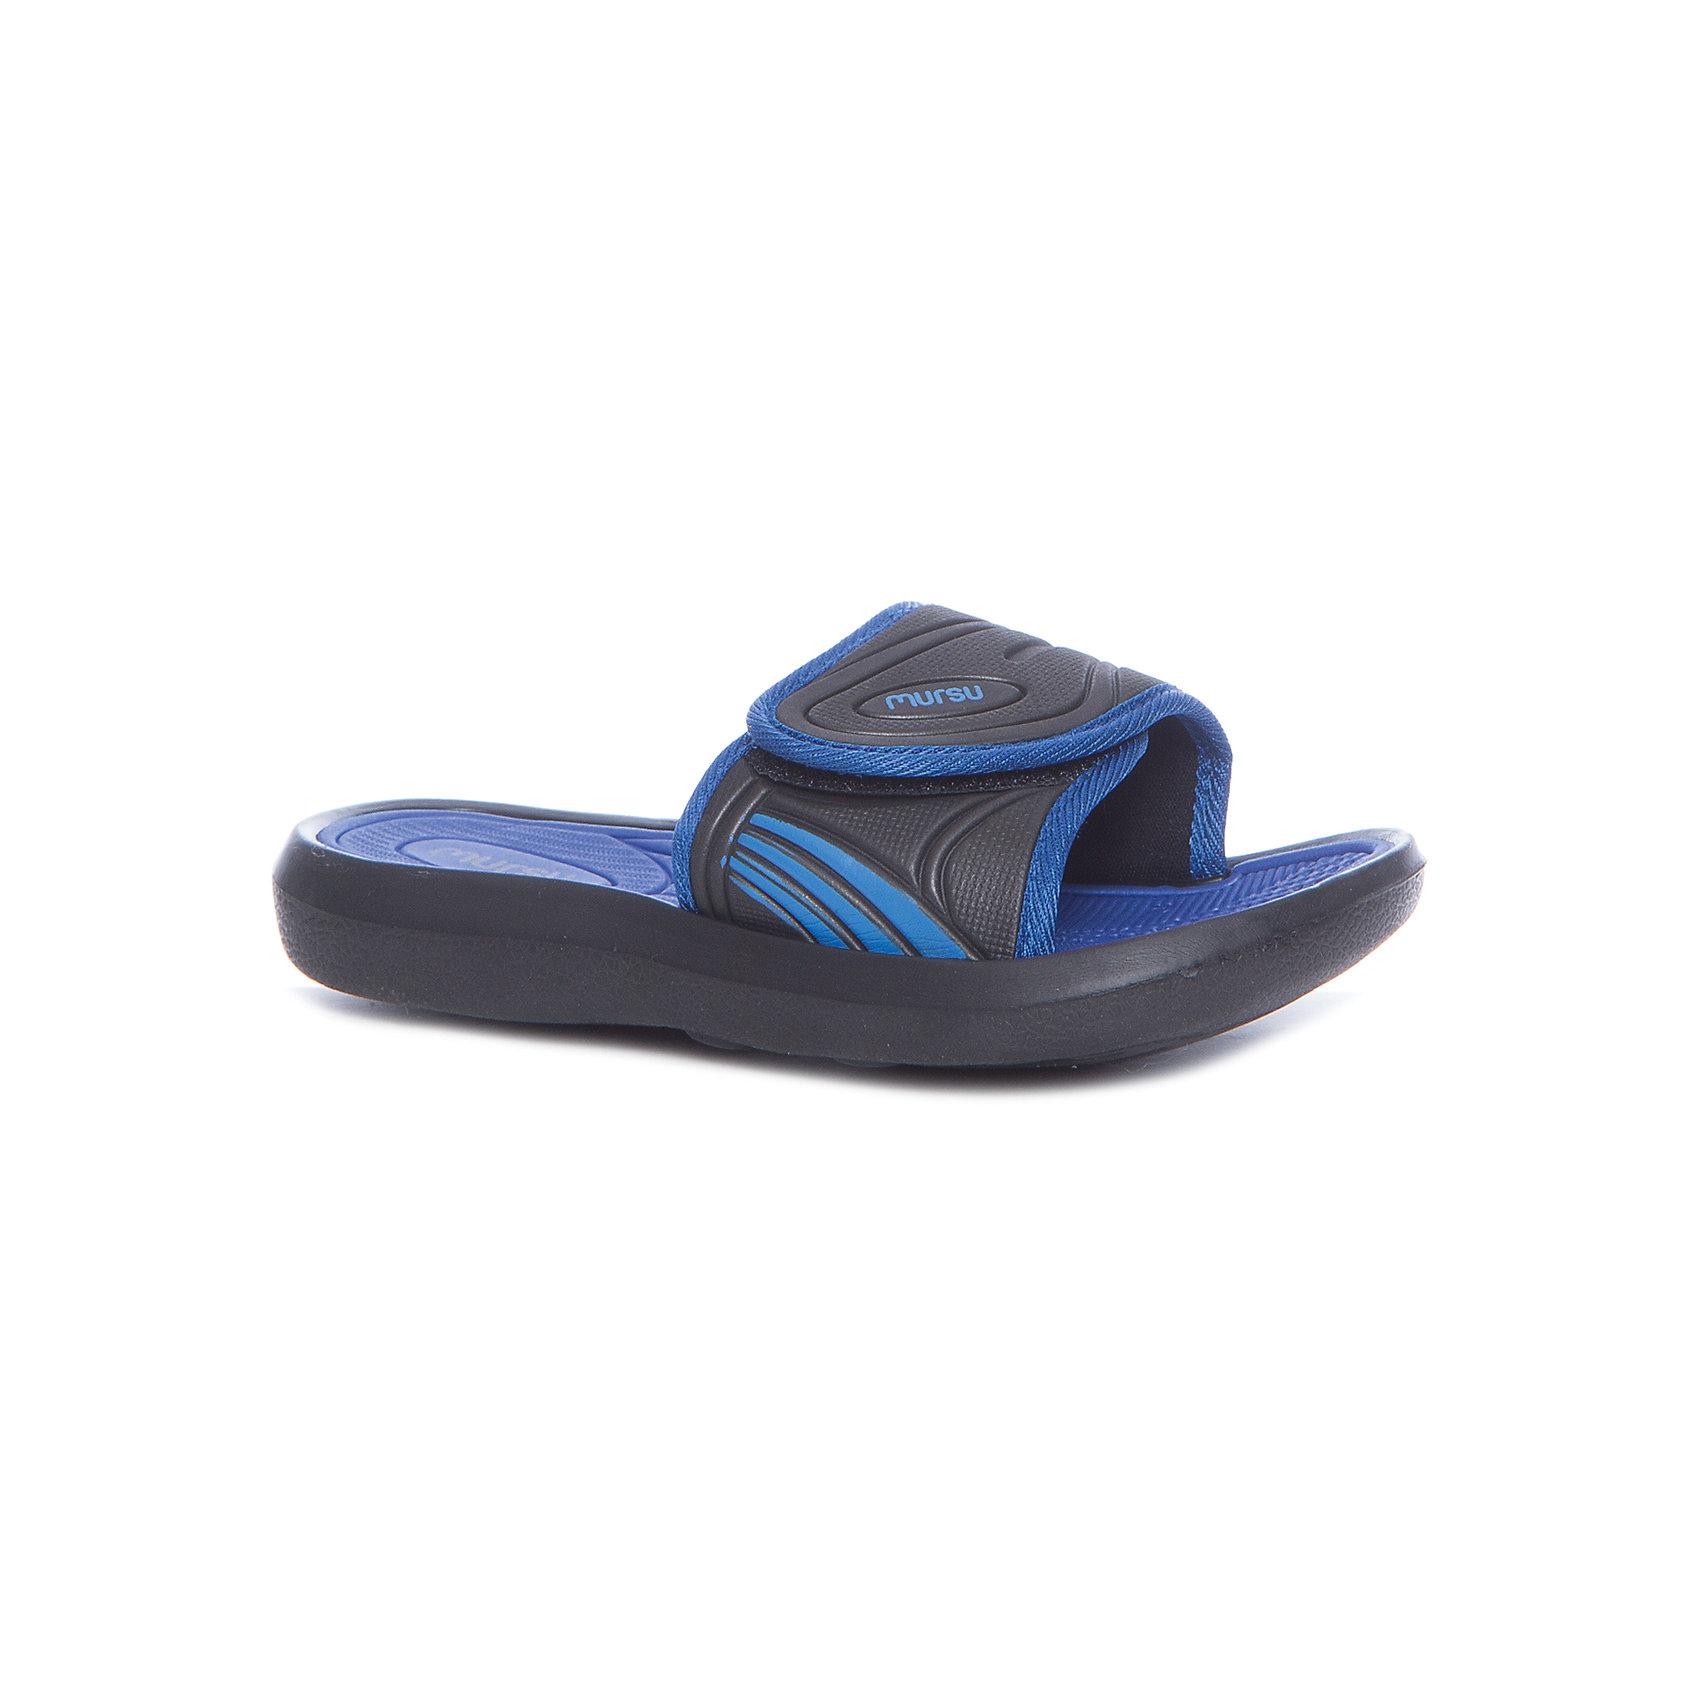 Пляжная обувь для мальчика MURSUХарактеристики товара:<br><br>• цвет: синий/чёрный<br>• внешний материал: ЭВА<br>• внутренний материал: ЭВА<br>• стелька: ЭВА<br>• подошва: ЭВА<br>• облегчённая модель<br>• подходит для пляжа <br>• подходит для занятий в бассейне<br>• отверстия для вентиляции<br>• устойчивая подошва<br>• страна бренда: Финляндия<br>• страна изготовитель: Китай<br><br>Детям для правильного развития стопы и всего организма необходима качественная обувь. Эта удобная пляжная обувь поможет создать ногам ребенка комфортные условия, благодаря продуманной конструкции она отлично сидит на ноге. Это отличный вариант правильной и красивой детской обуви!<br><br>Шлёпанцы от финского бренда MURSU (МУРСУ) можно купить в нашем интернет-магазине.<br><br>Ширина мм: 248<br>Глубина мм: 135<br>Высота мм: 147<br>Вес г: 256<br>Цвет: разноцветный<br>Возраст от месяцев: 72<br>Возраст до месяцев: 84<br>Пол: Мужской<br>Возраст: Детский<br>Размер: 30,31,32,33,34,35<br>SKU: 5326176